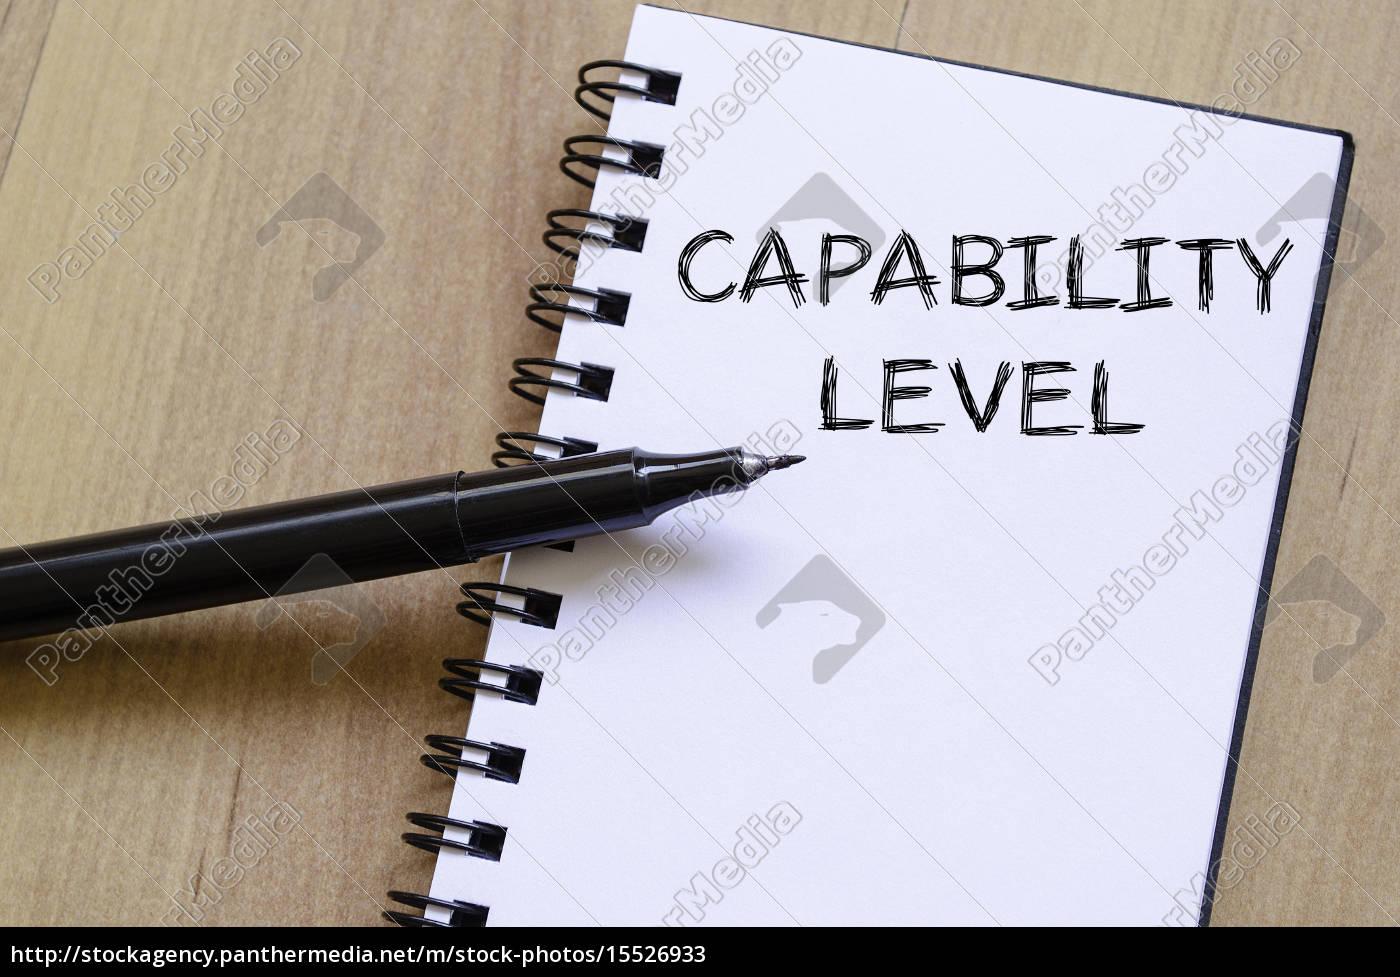 schreiben, auf, fähigkeitsebene, auf, notizbuch - 15526933